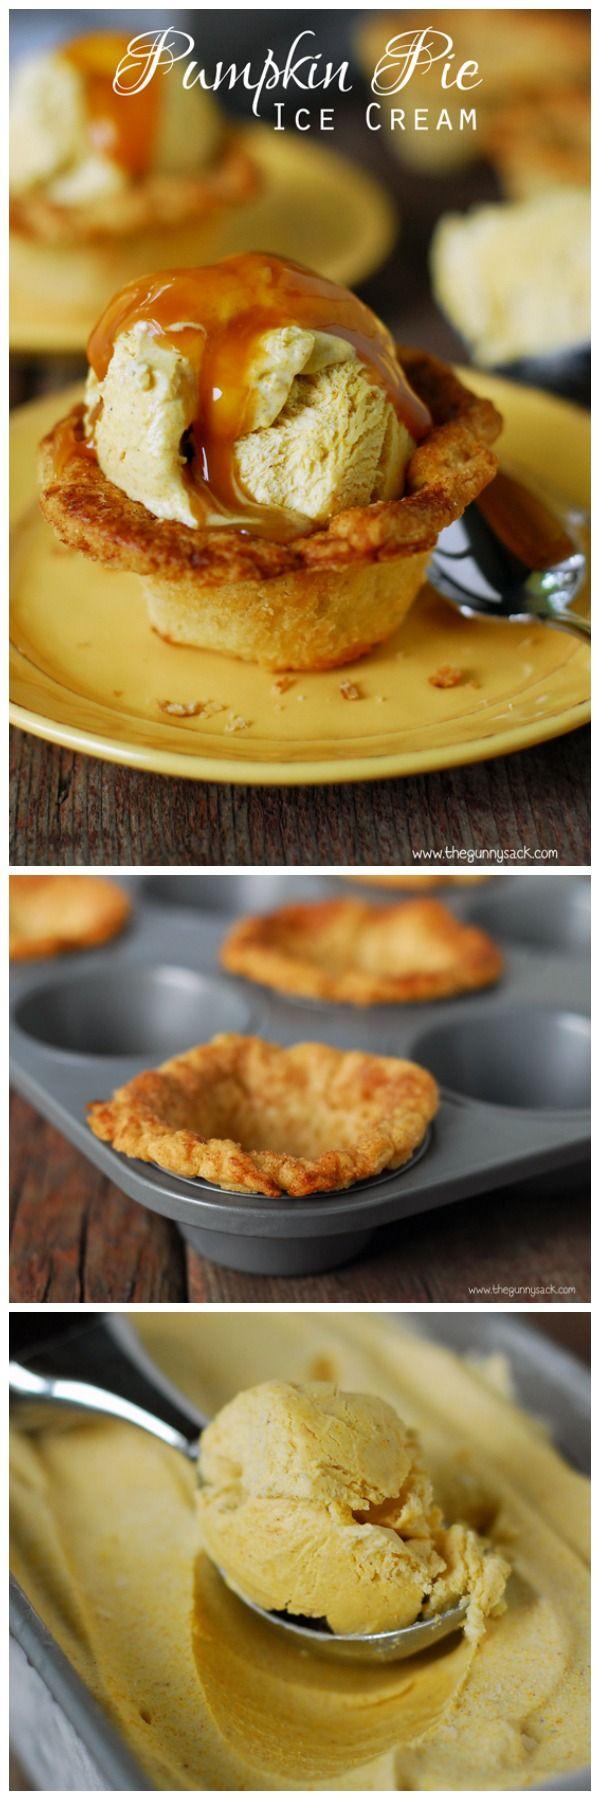 This homemade, no churn pumpkin pie ice cream is best when served in pie crust cups!